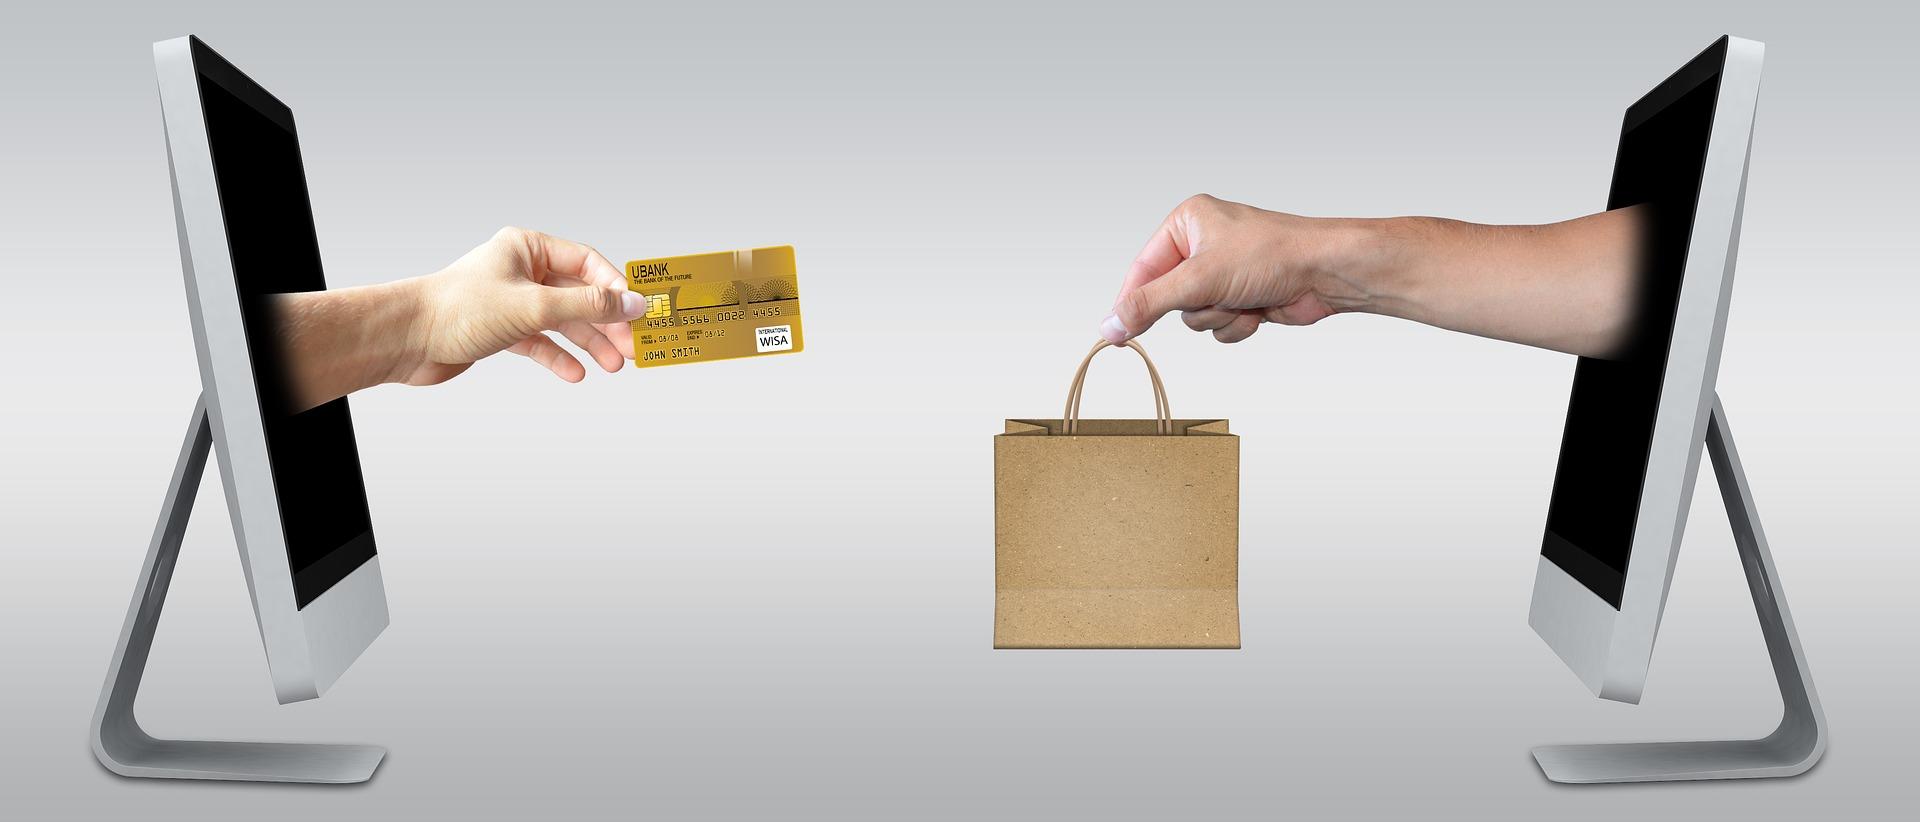 Anuluj Dług - bezpieczna pożyczka